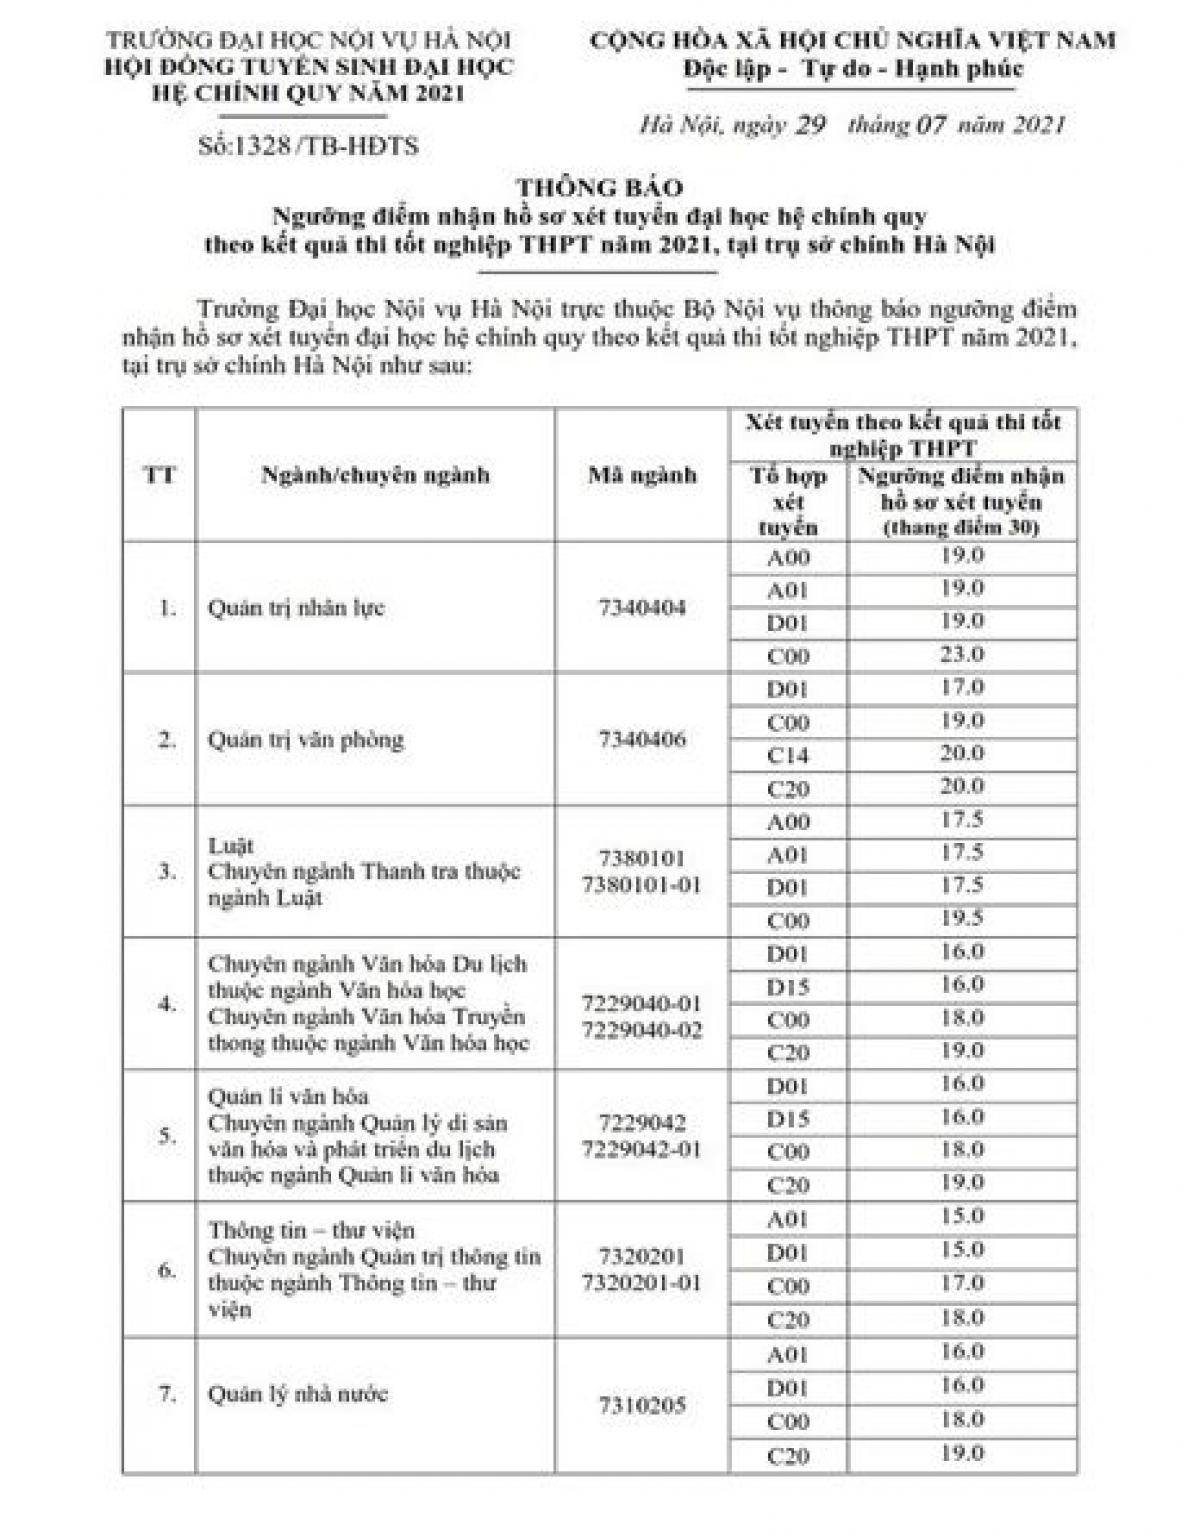 Điểm sàn xét tuyển ĐH Nội vụ Hà Nội cao nhất là 23 điểm